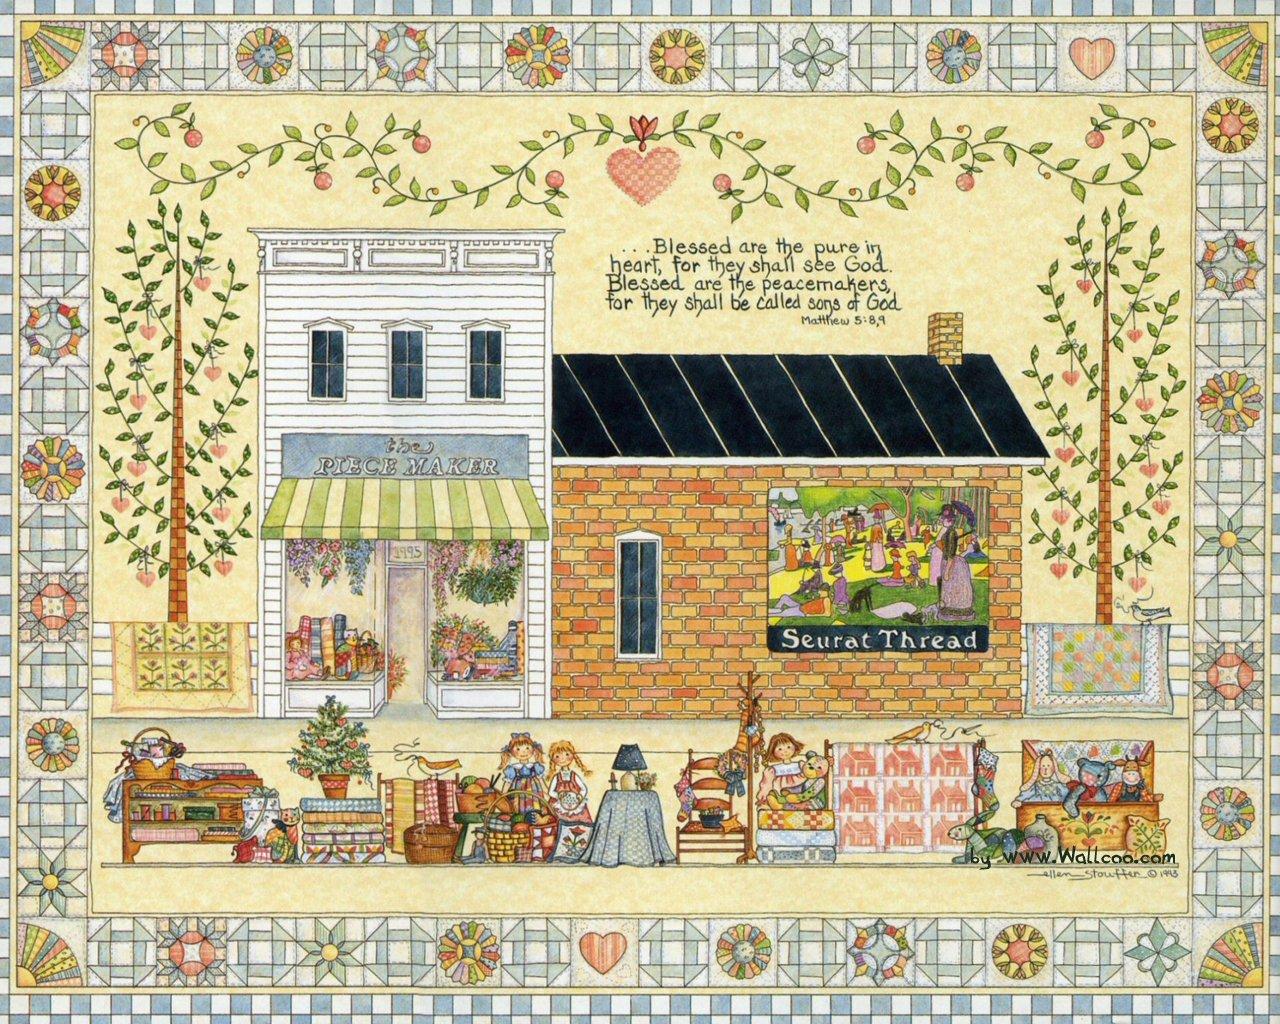 High Resolution Wallpaper | Ellen Stouffer 1280x1024 px